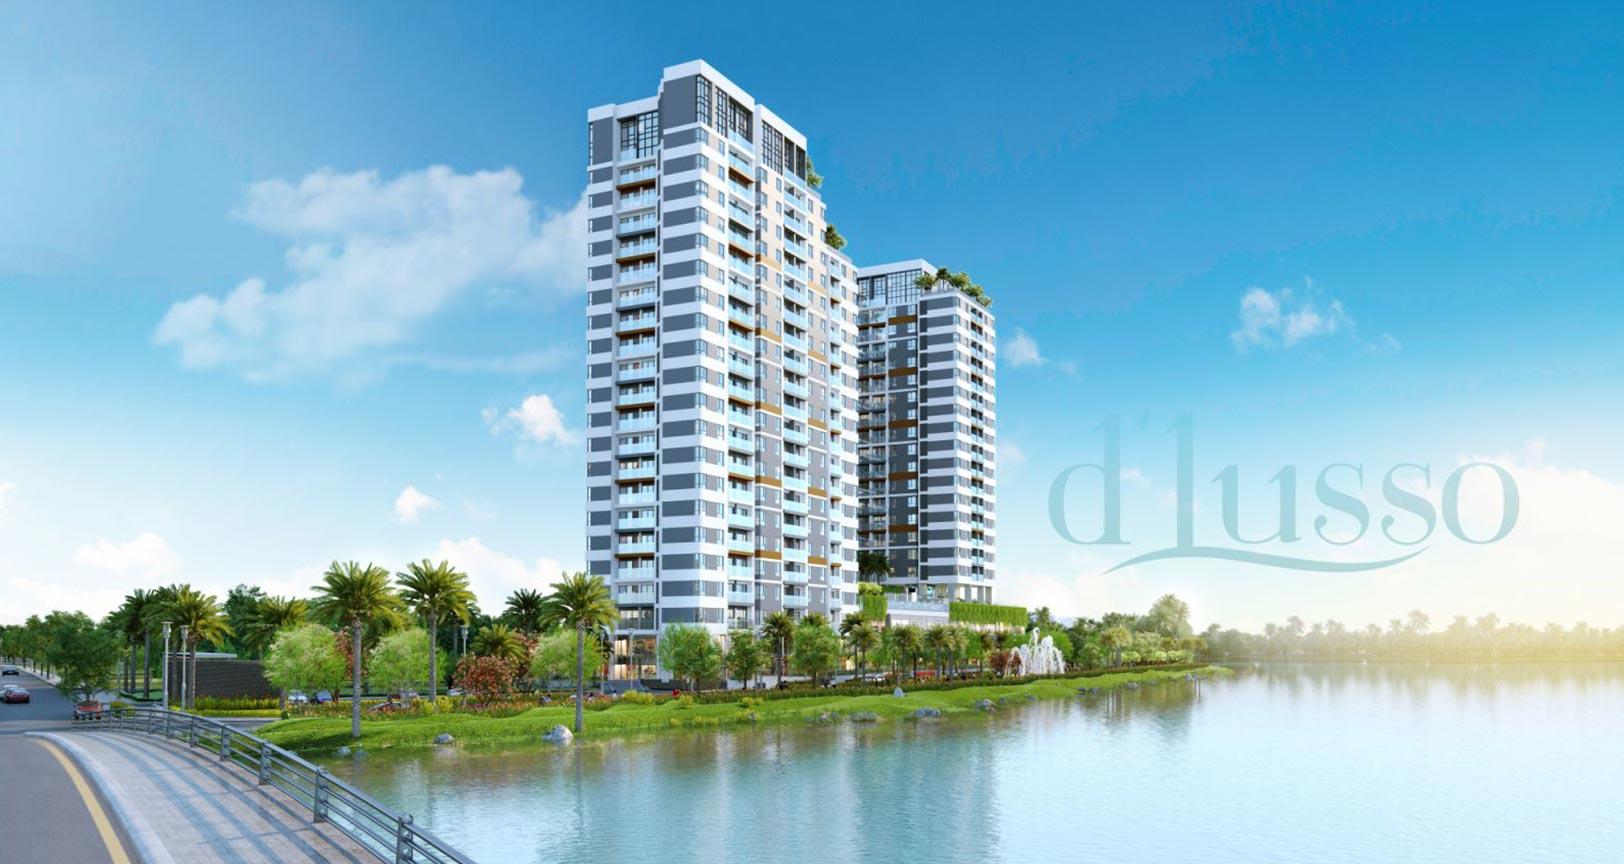 Phối cảnh tổng thể dự án căn hộ D'lusso Emerald